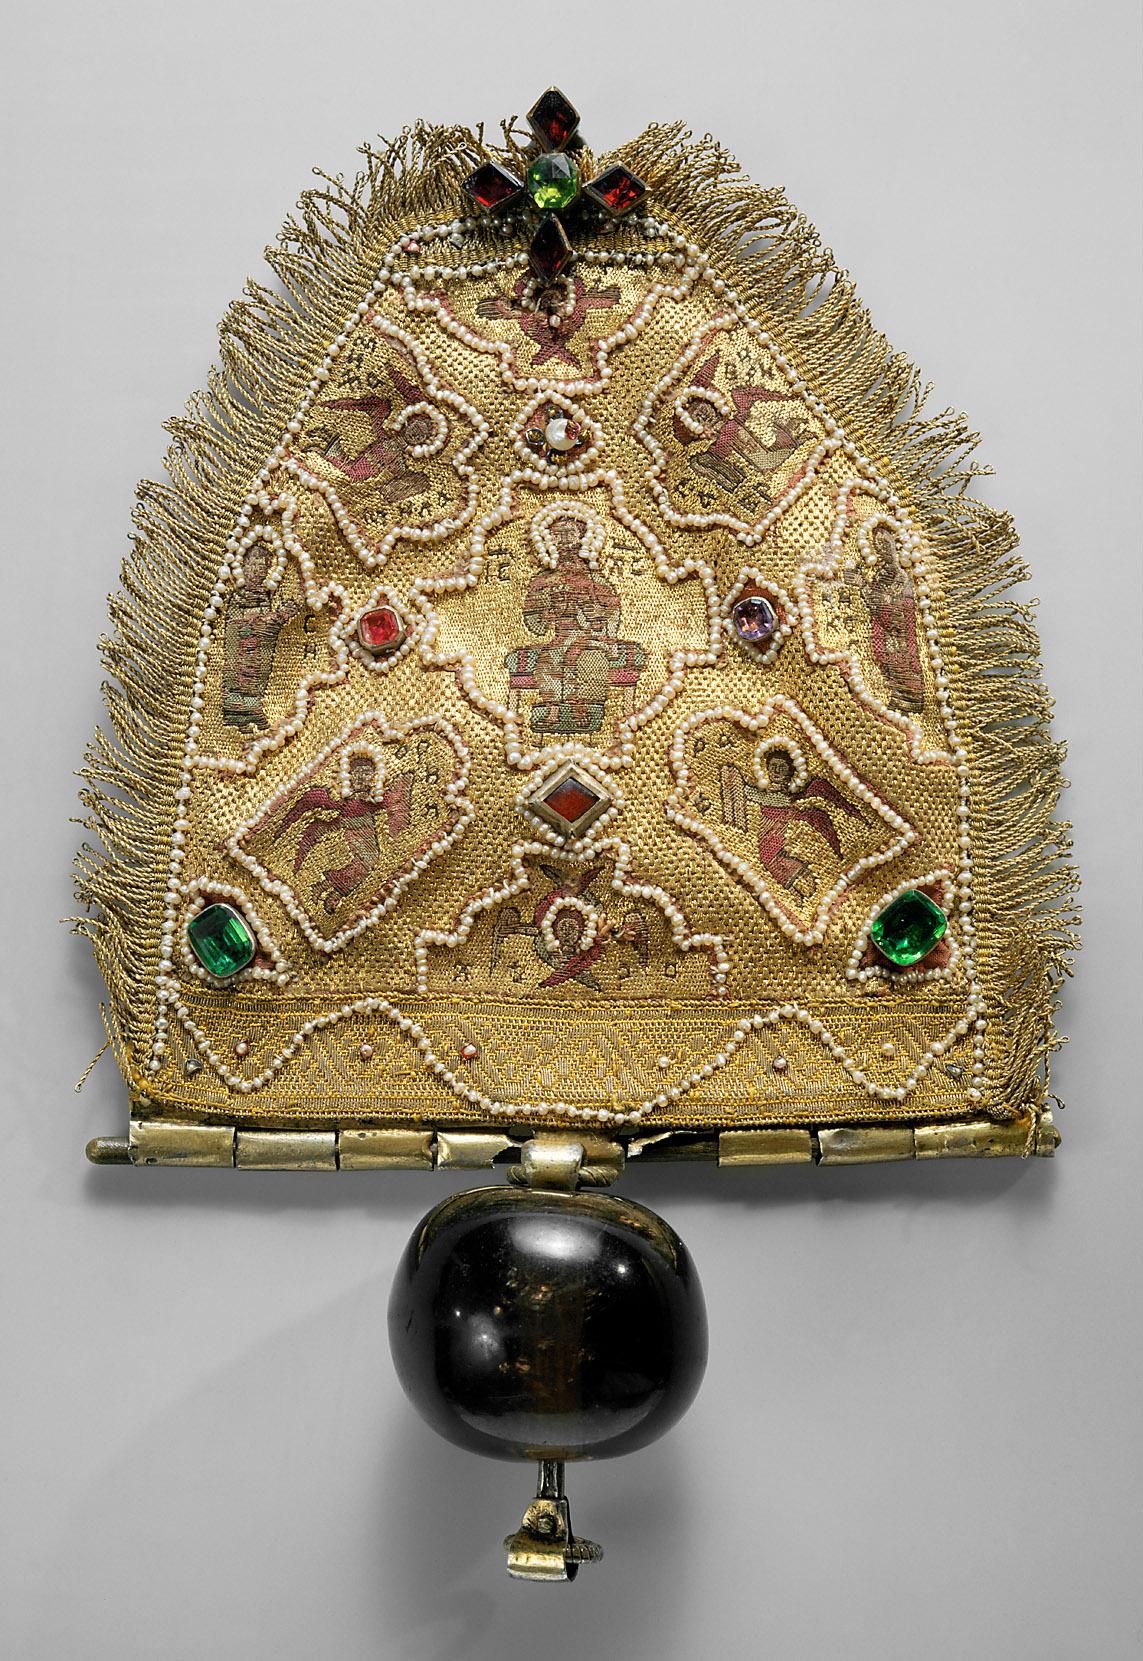 Sogenannter Beutel König Stephans von Ungarn